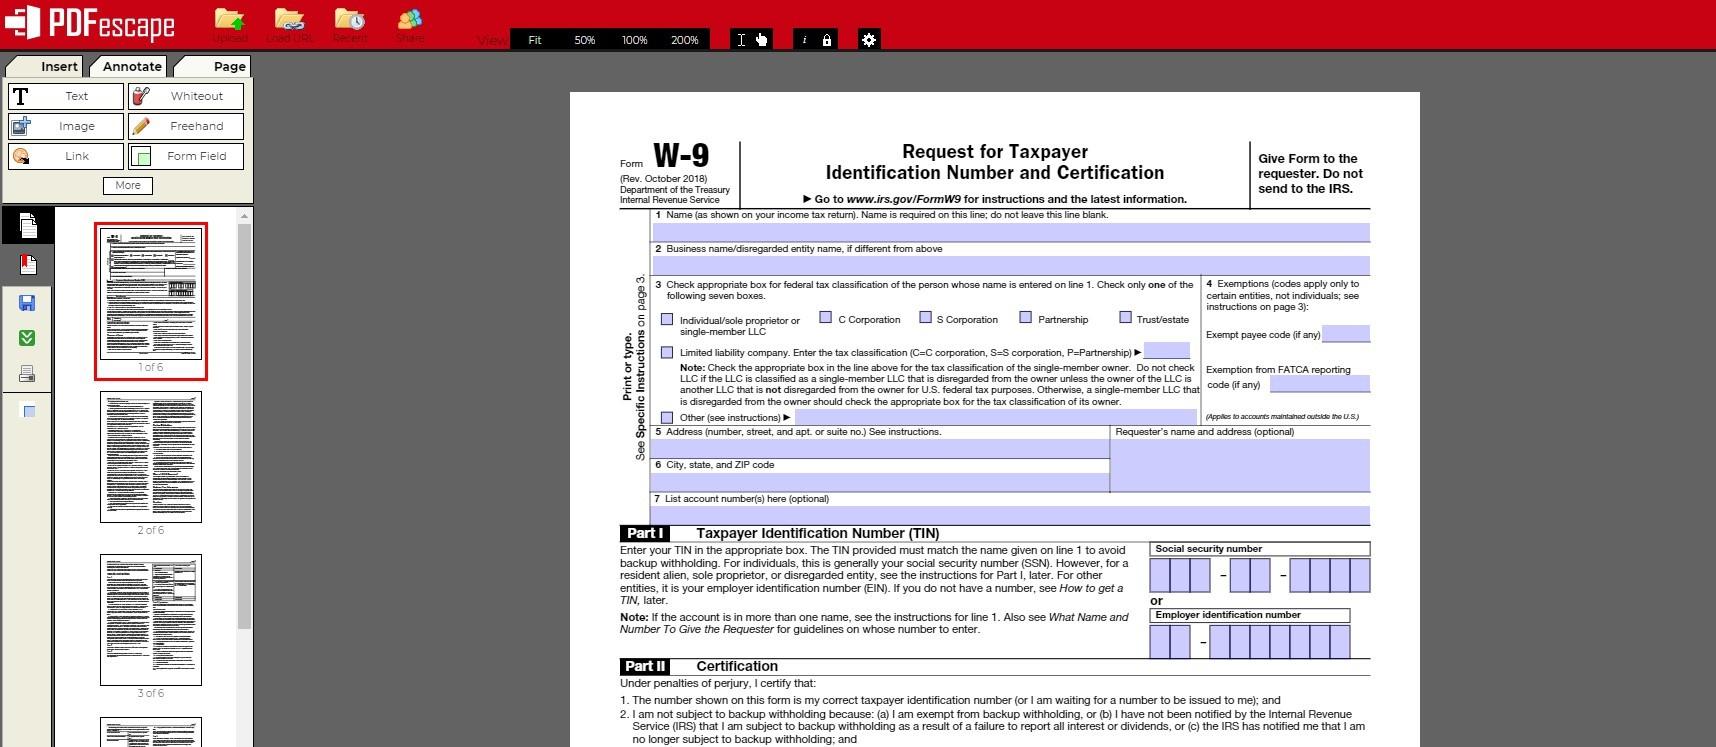 pdfescape pdf editor for Mac